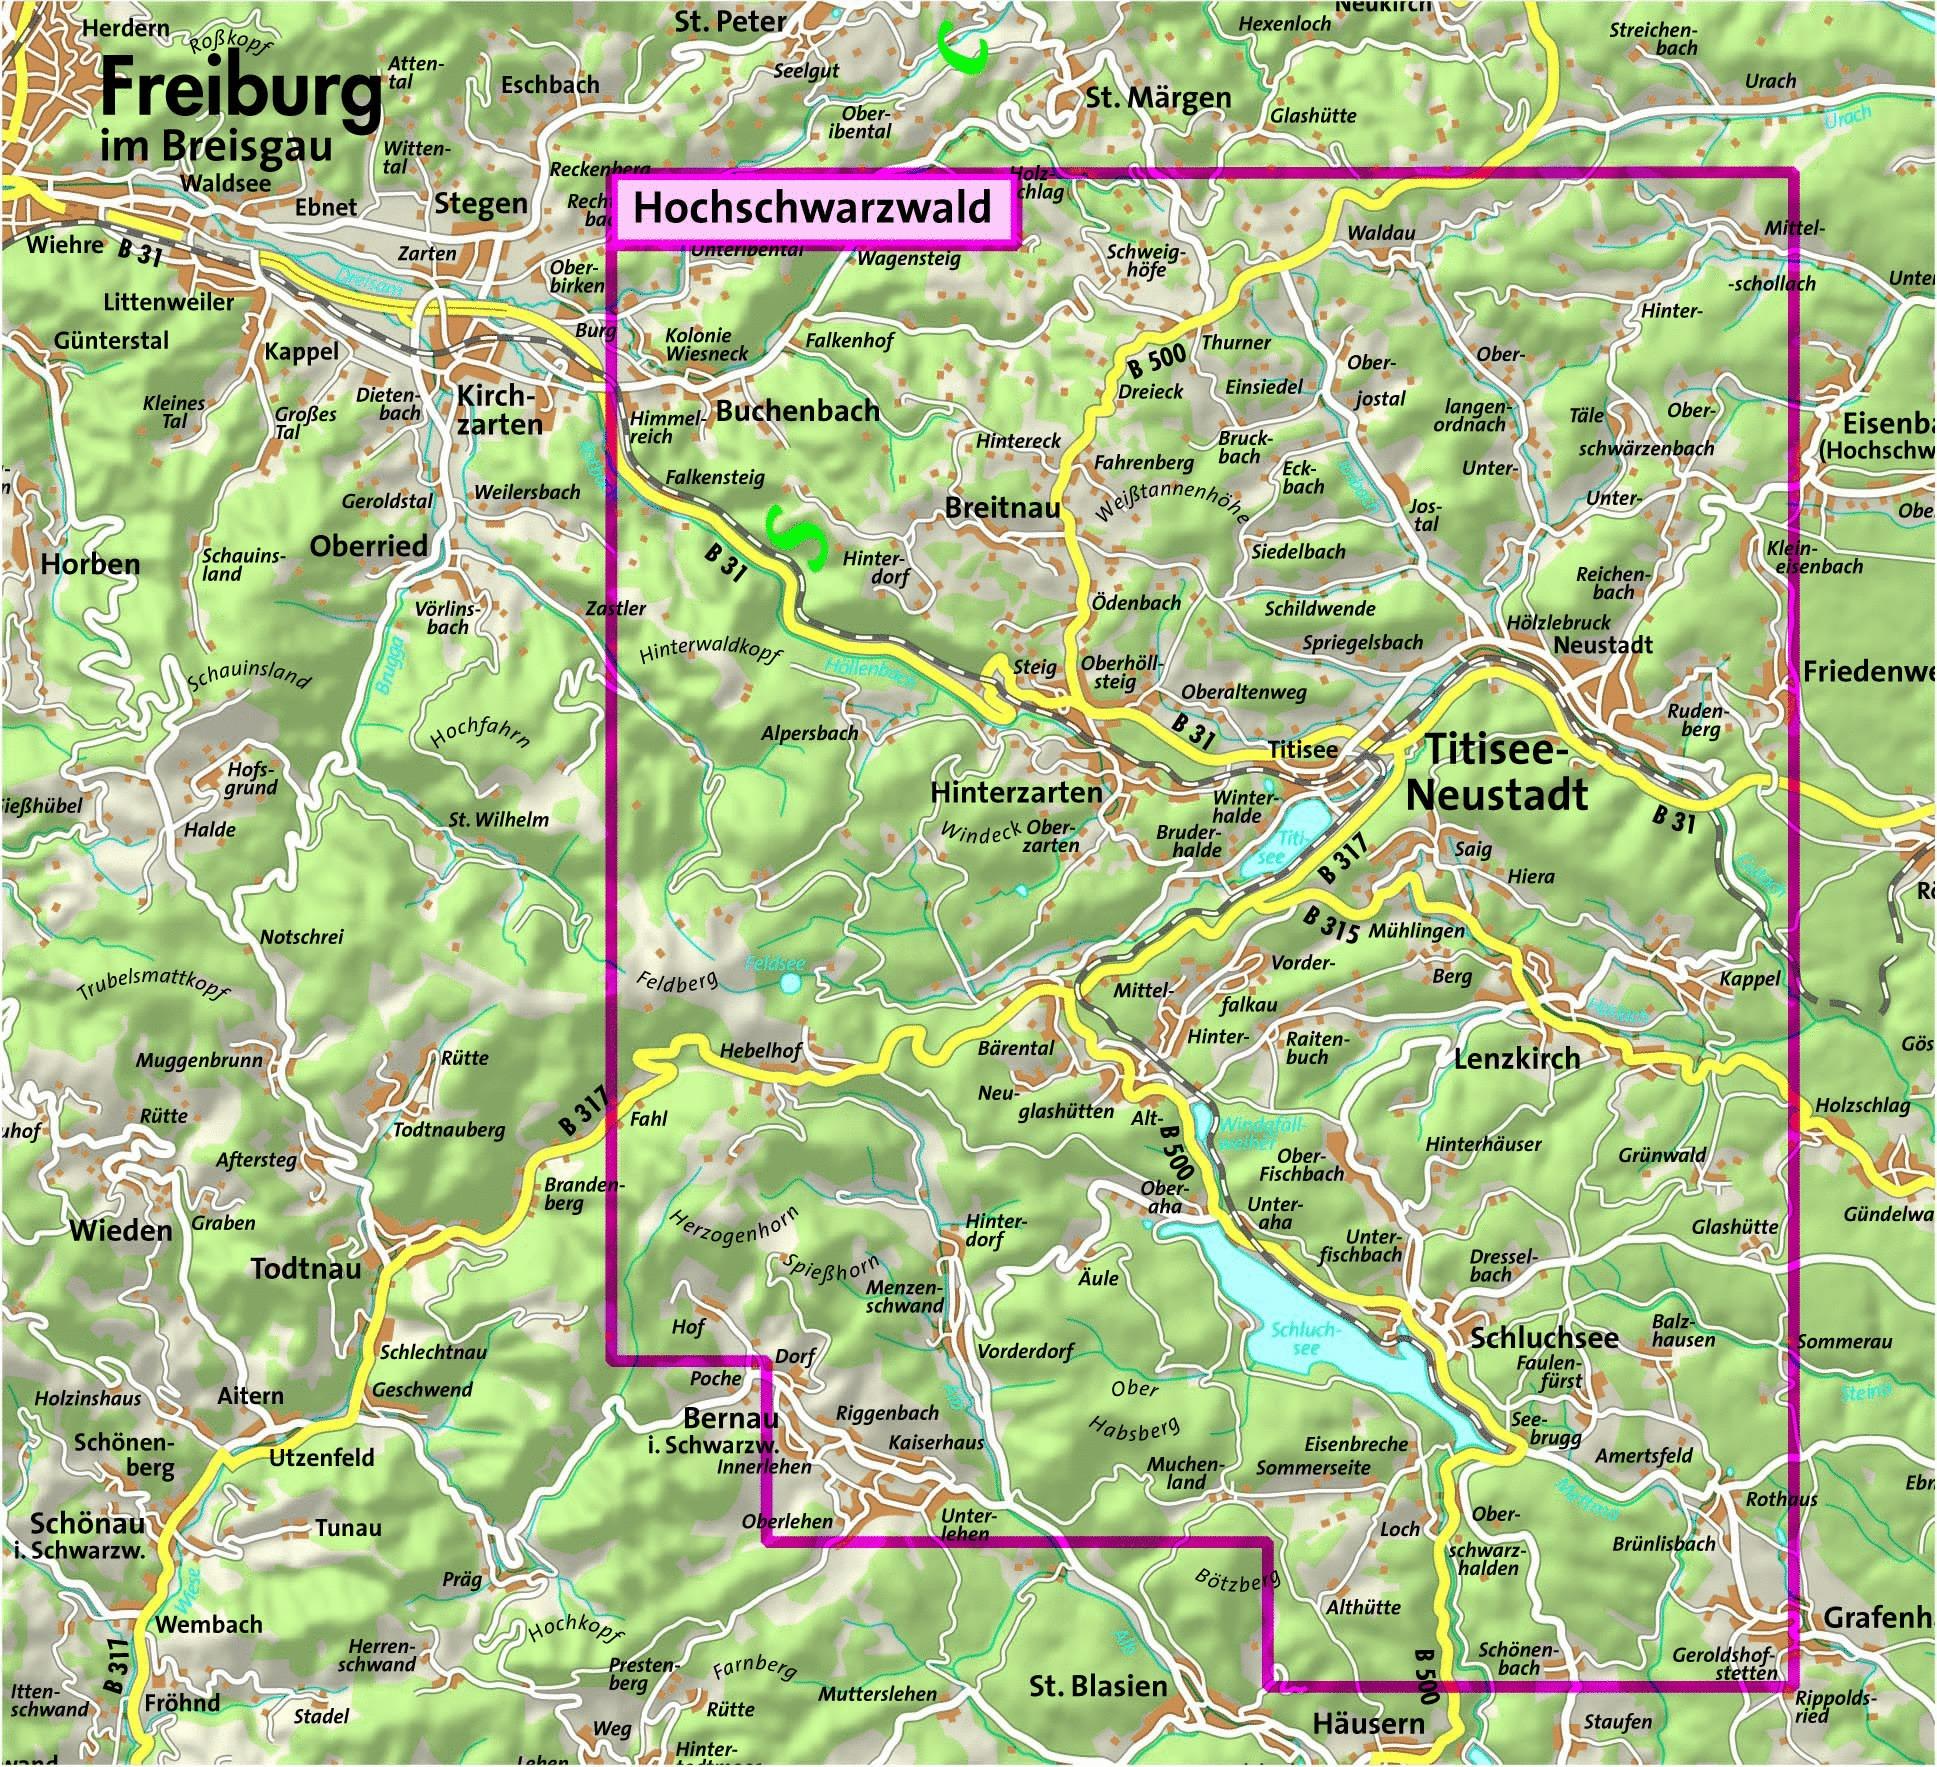 hochschwarzwald karte Landkarte Hochschwarzwald | Kleve Landkarte